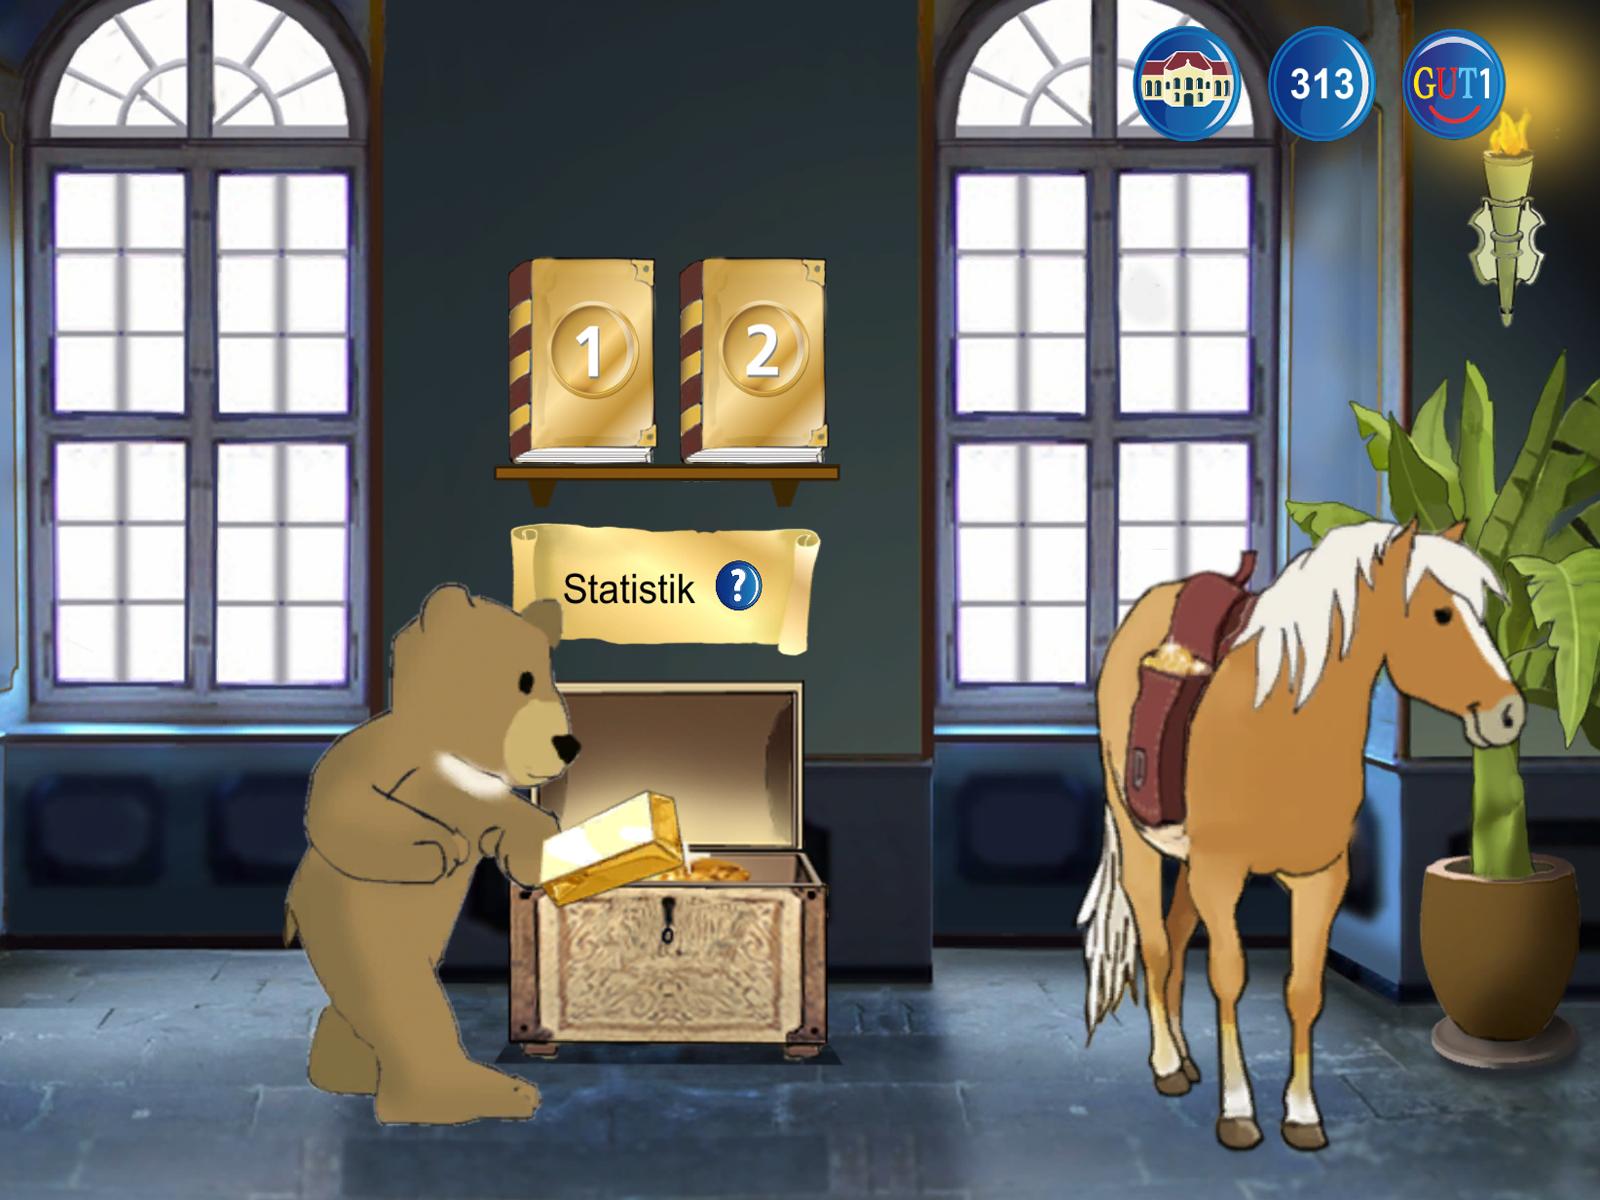 Das Pferd bringt die gelernten Wörter ins Schloss.